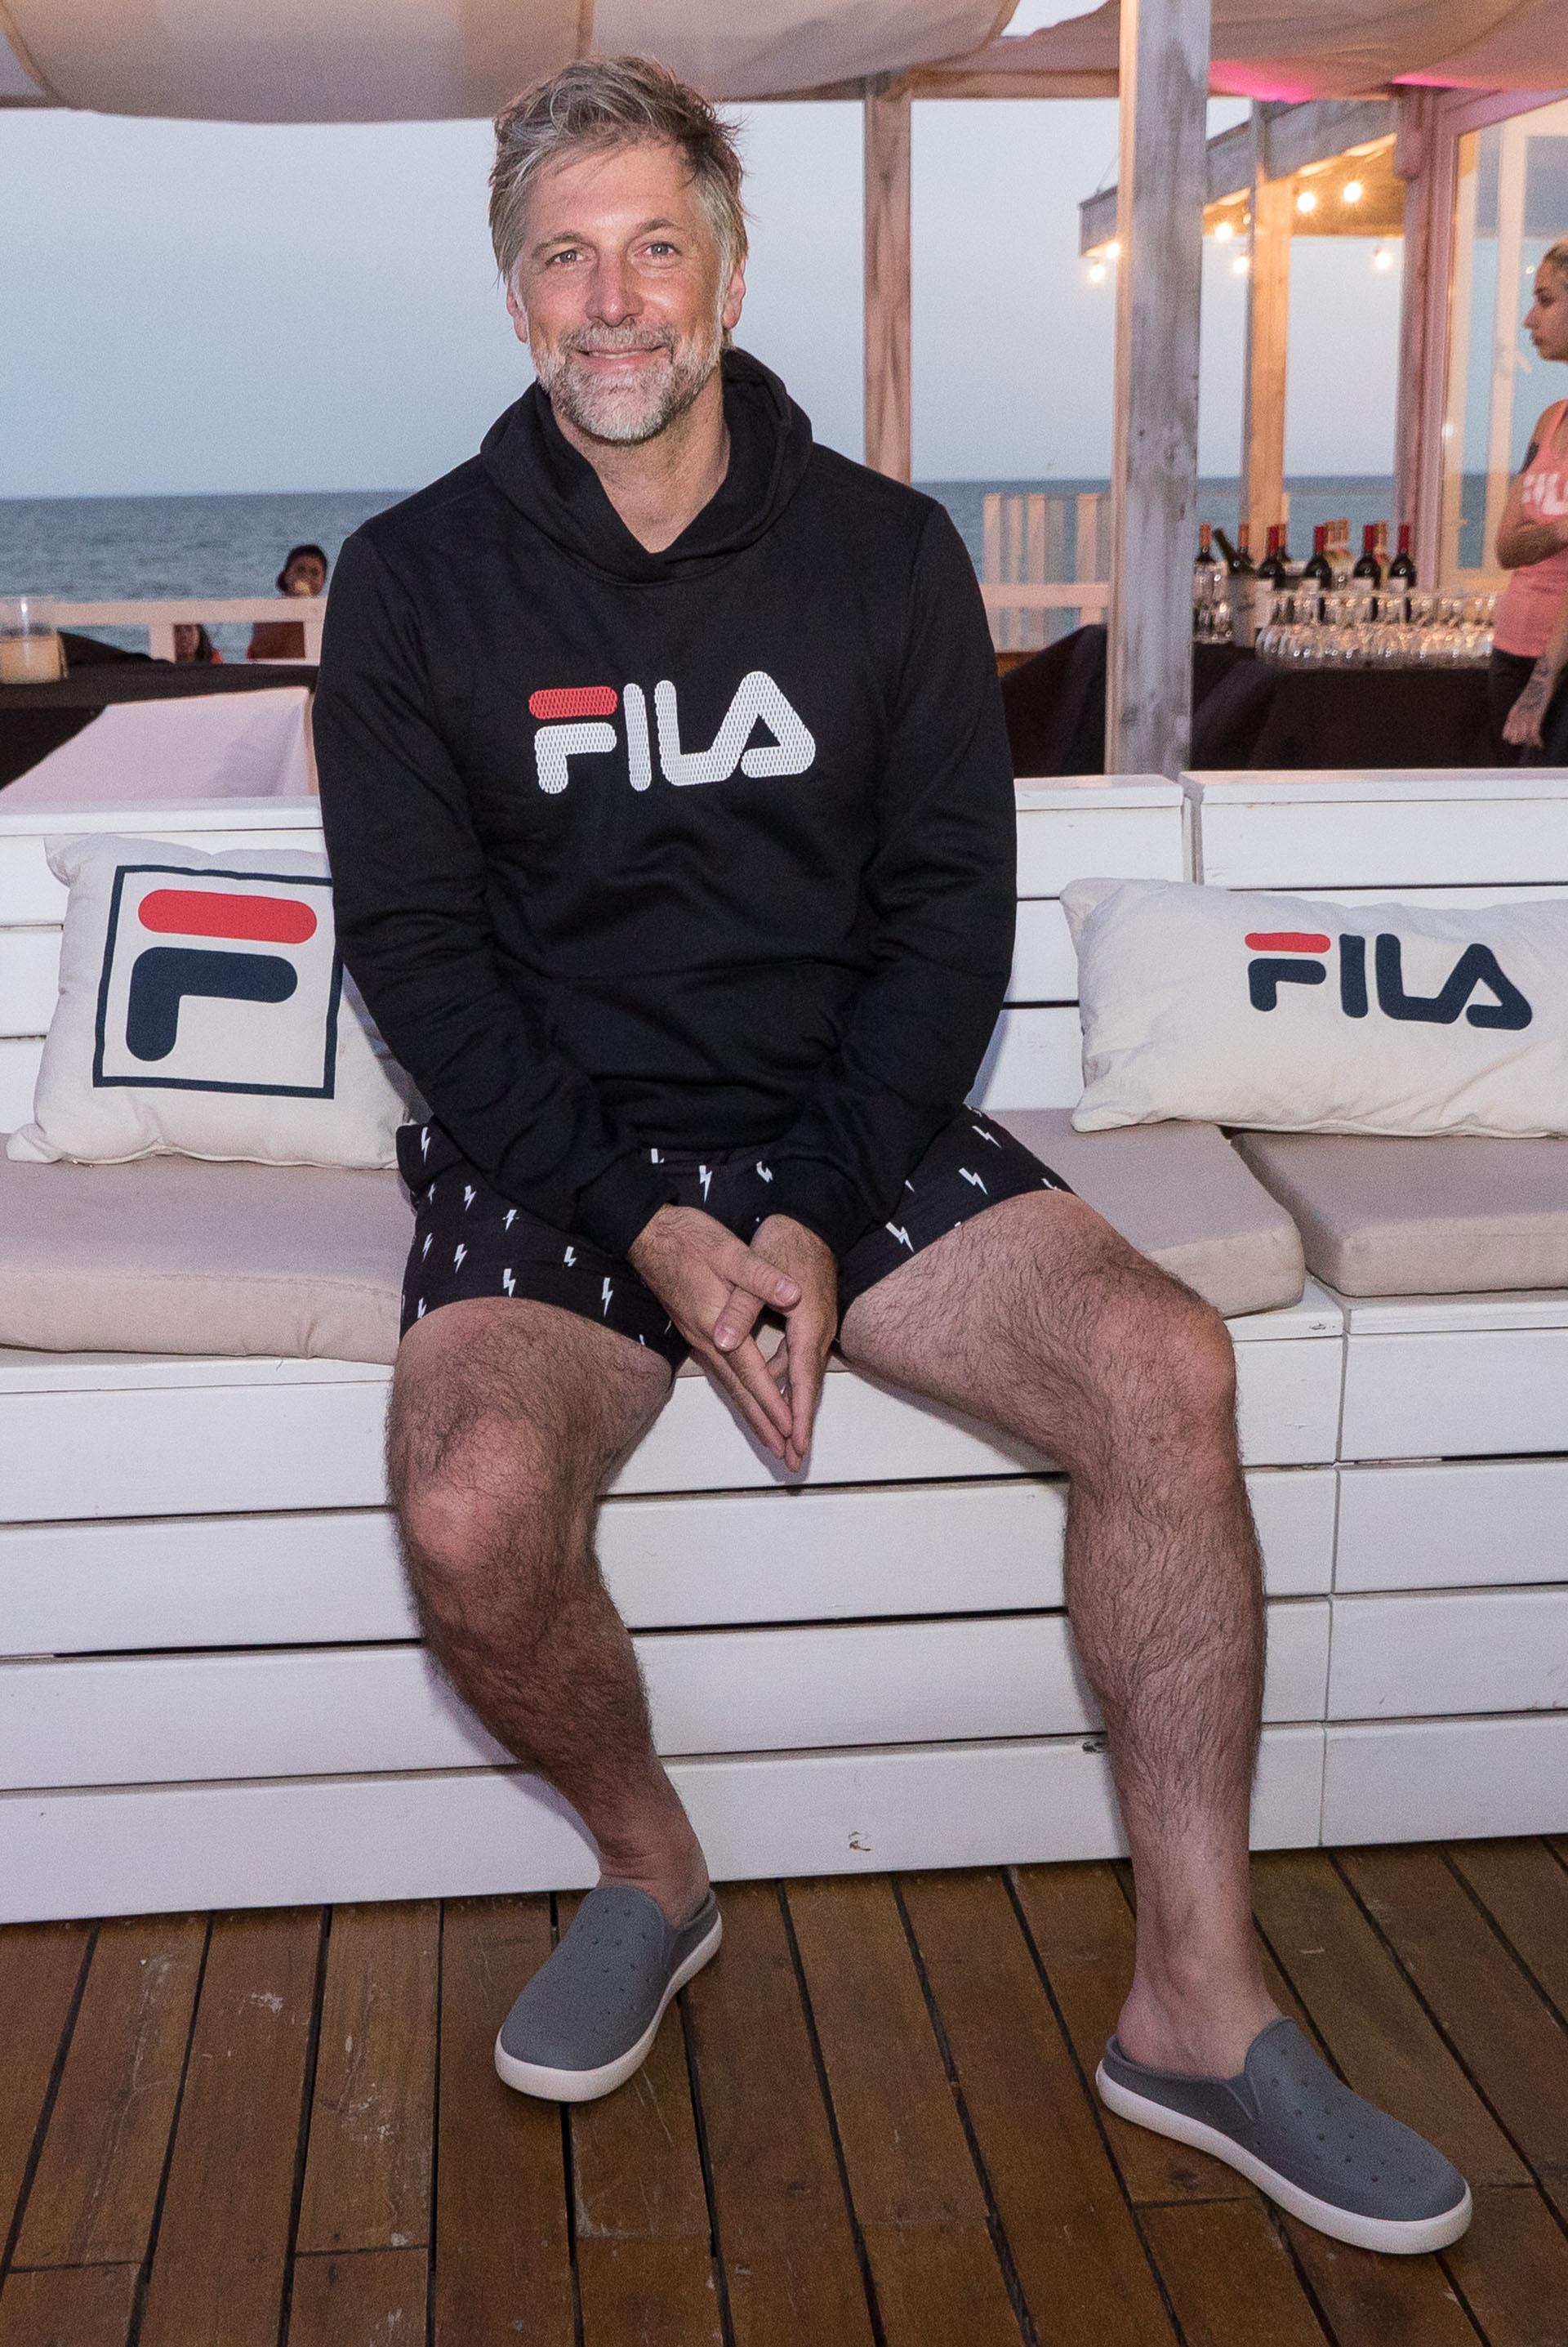 Fila celebró su tradicional after beach, junto a las celebridades fitness que acompañan a la marca deportiva. En la foto, Horacio Cabak